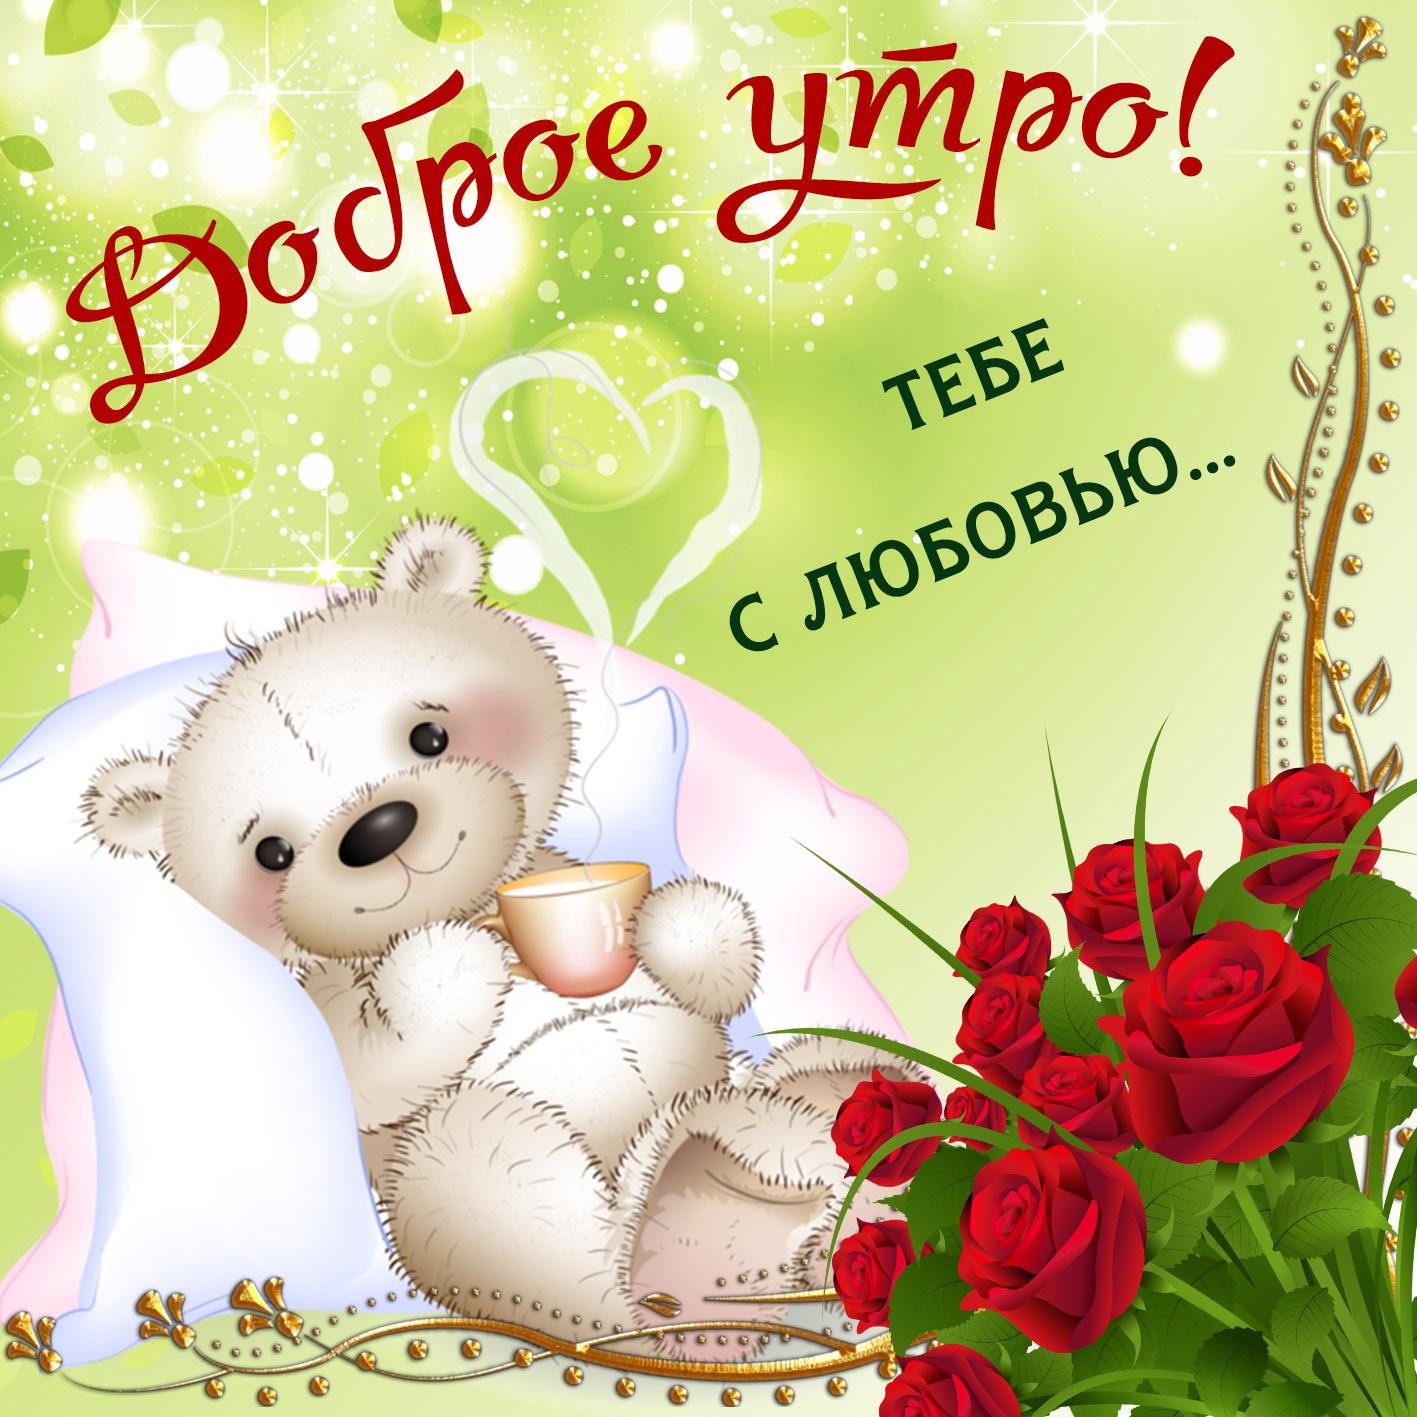 Открытка с добрым утром - розы и плюшевый мишка с чашечкой кофе